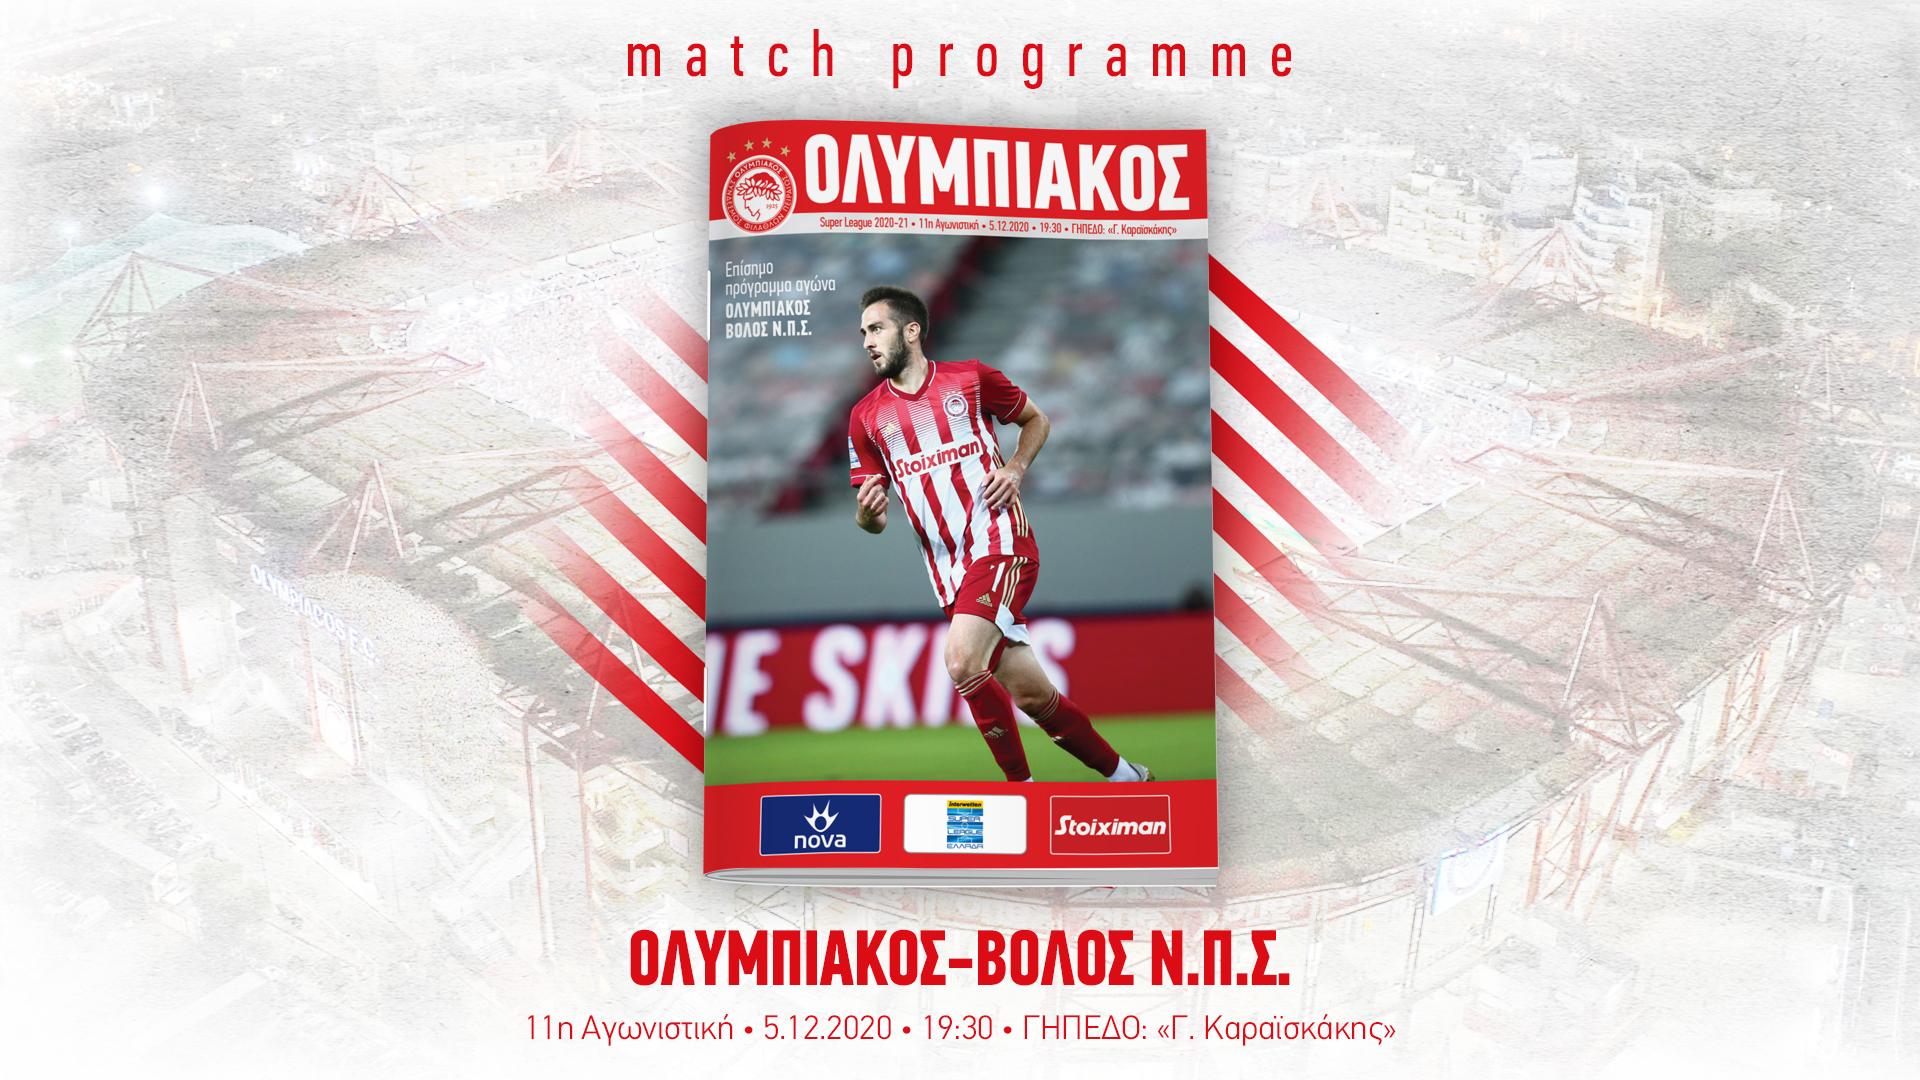 Το Match Programme του αγώνα Ολυμπιακός-Βόλος